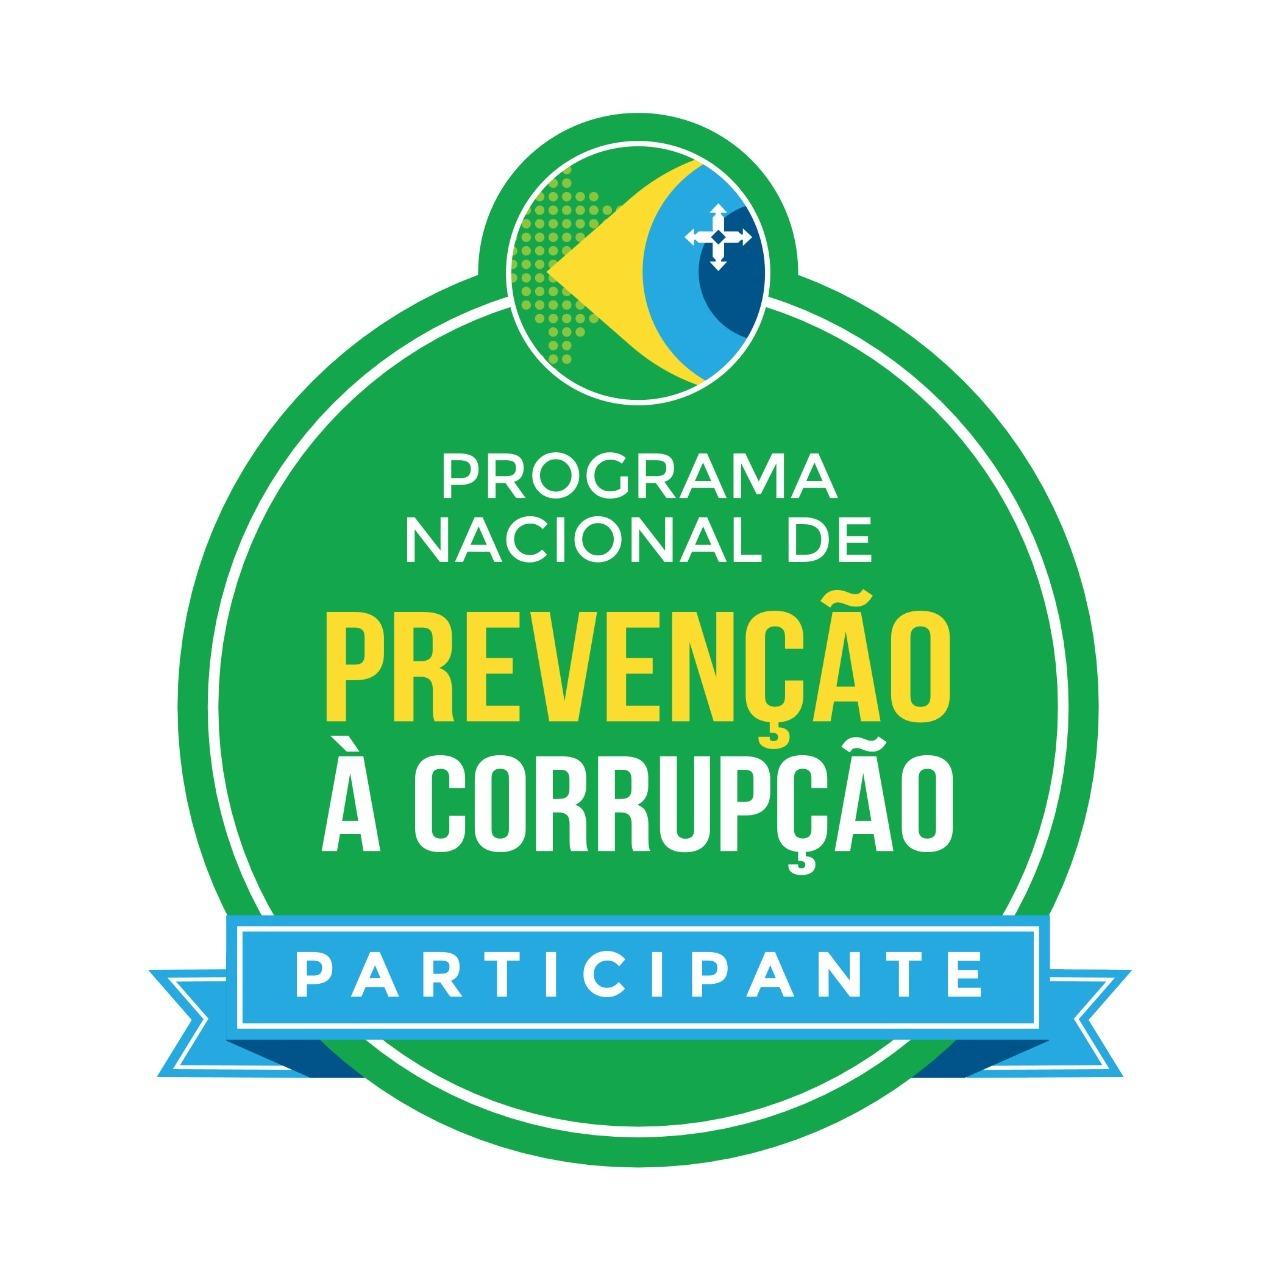 PREFEITURA MUNICIPAL DE SÃO JORGE DO IVAÍ EM PARCERIA A CONTROLADORIA MUNICIPAL ADERE AO PROGRAMA NACIONAL DE PREVENÇÃO À CORRUPÇÃO (PNPC)